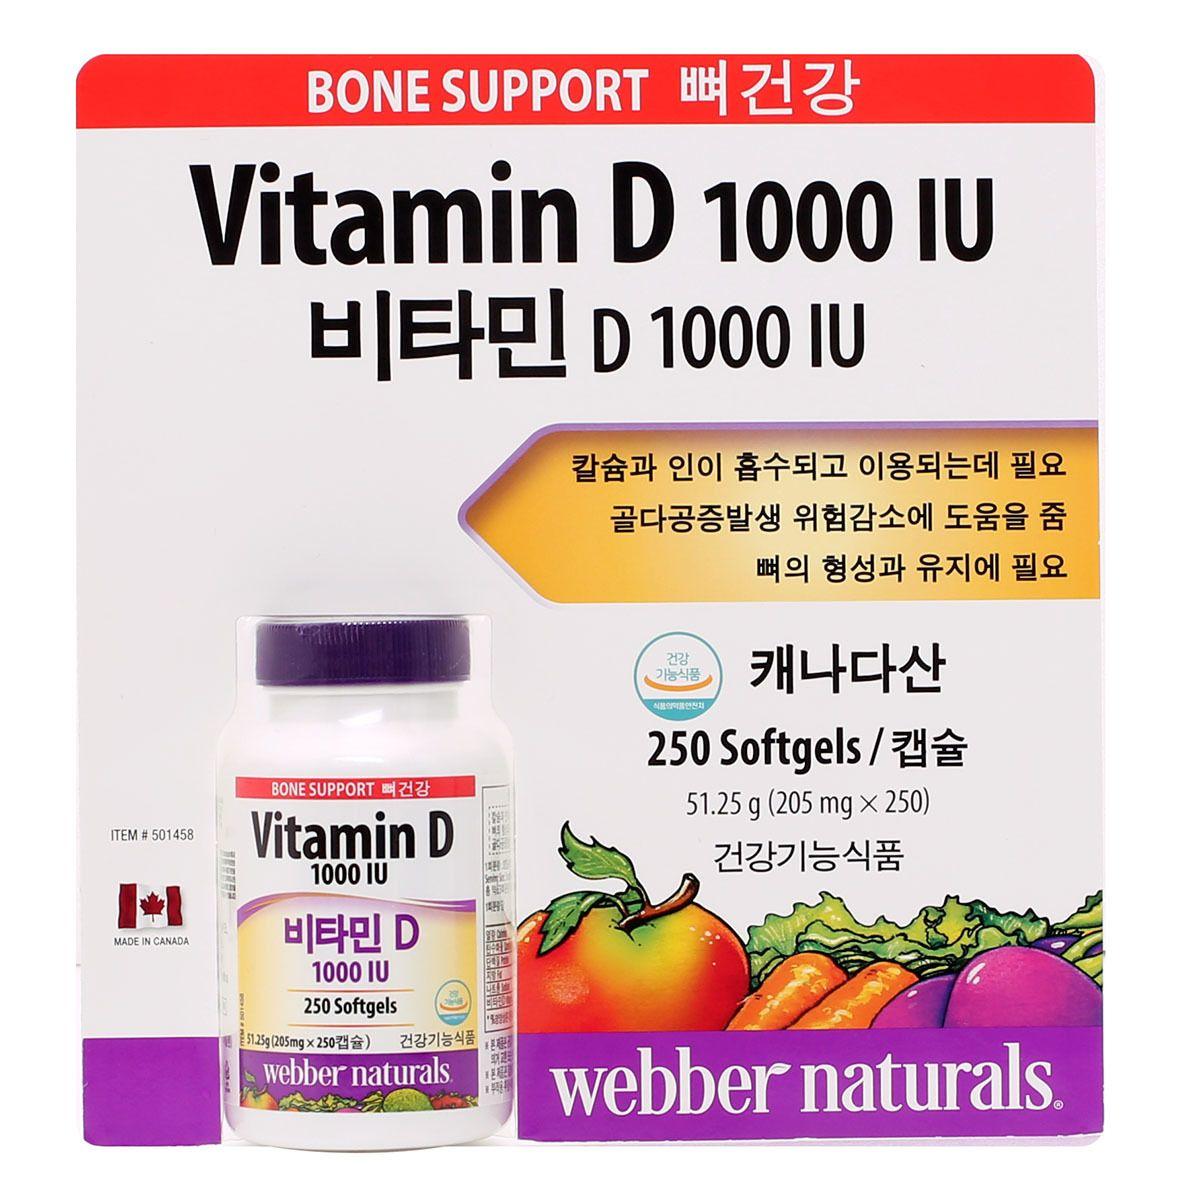 웨버 내추럴 비타민D 1000IU 250캡슐